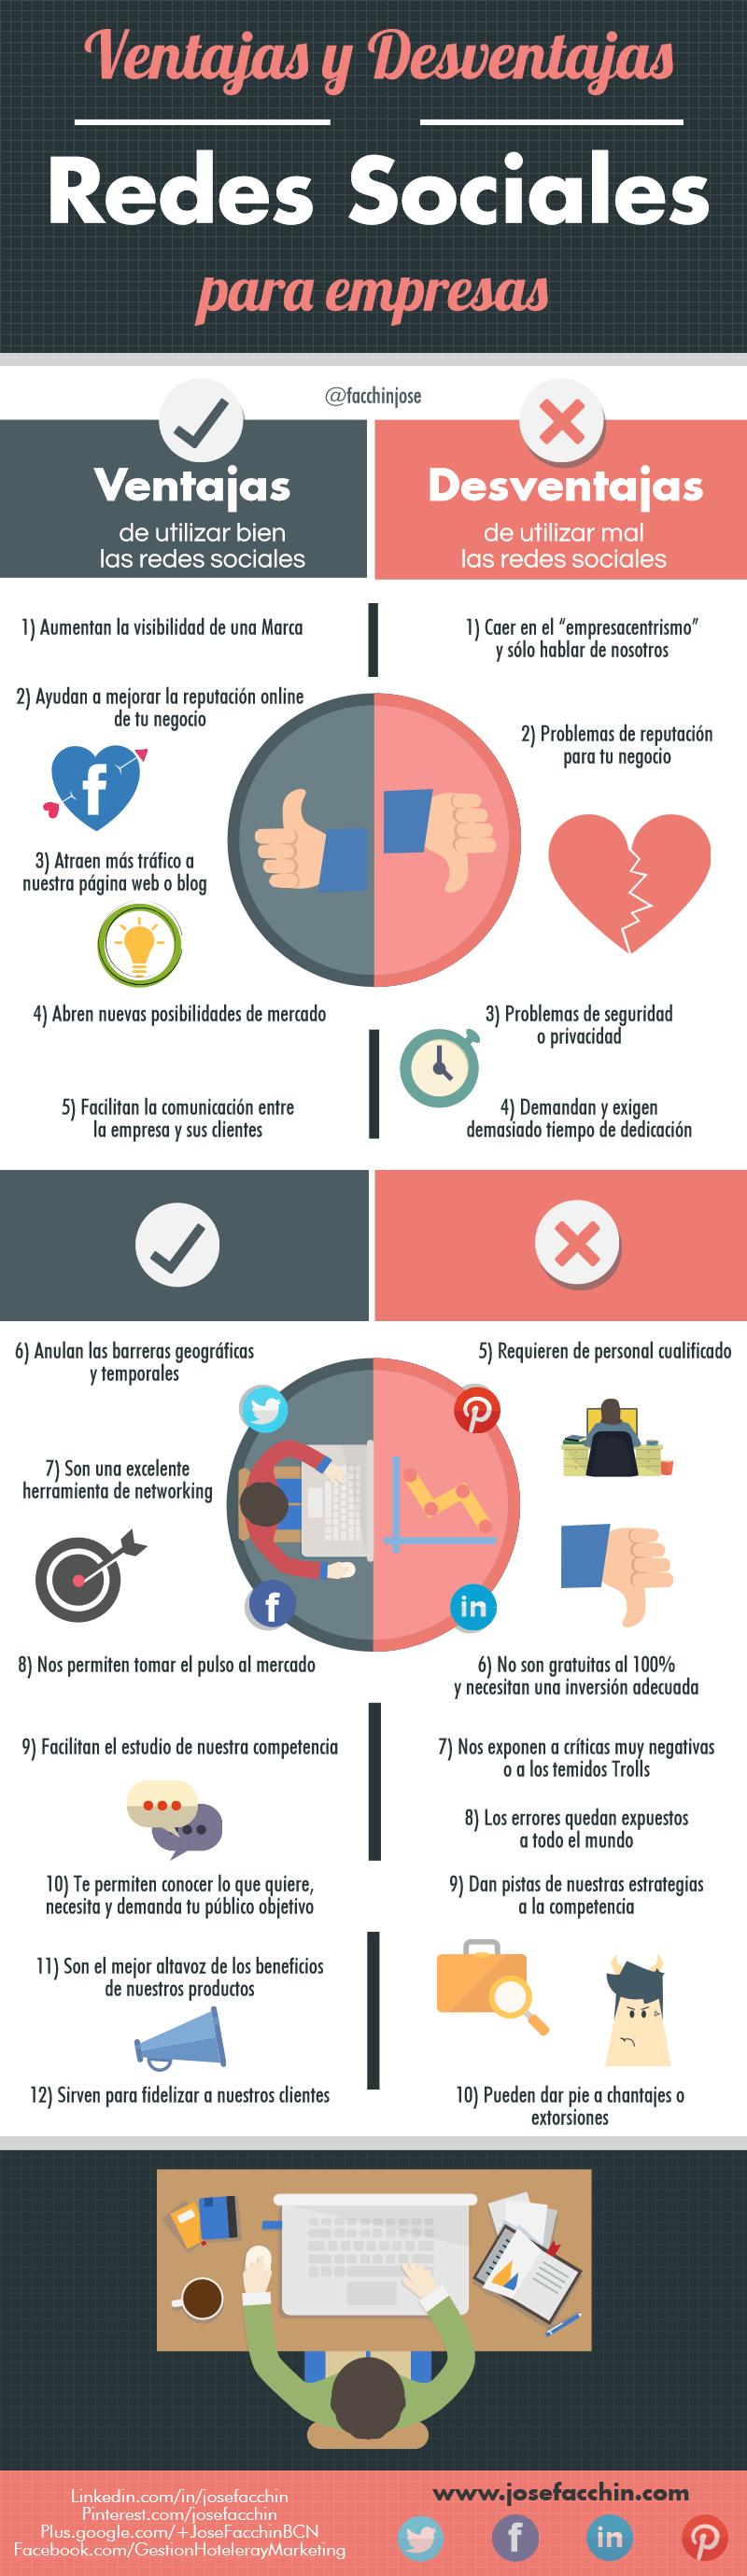 Infografia - Las 23 Ventajas y Desventajas de las Redes Sociales